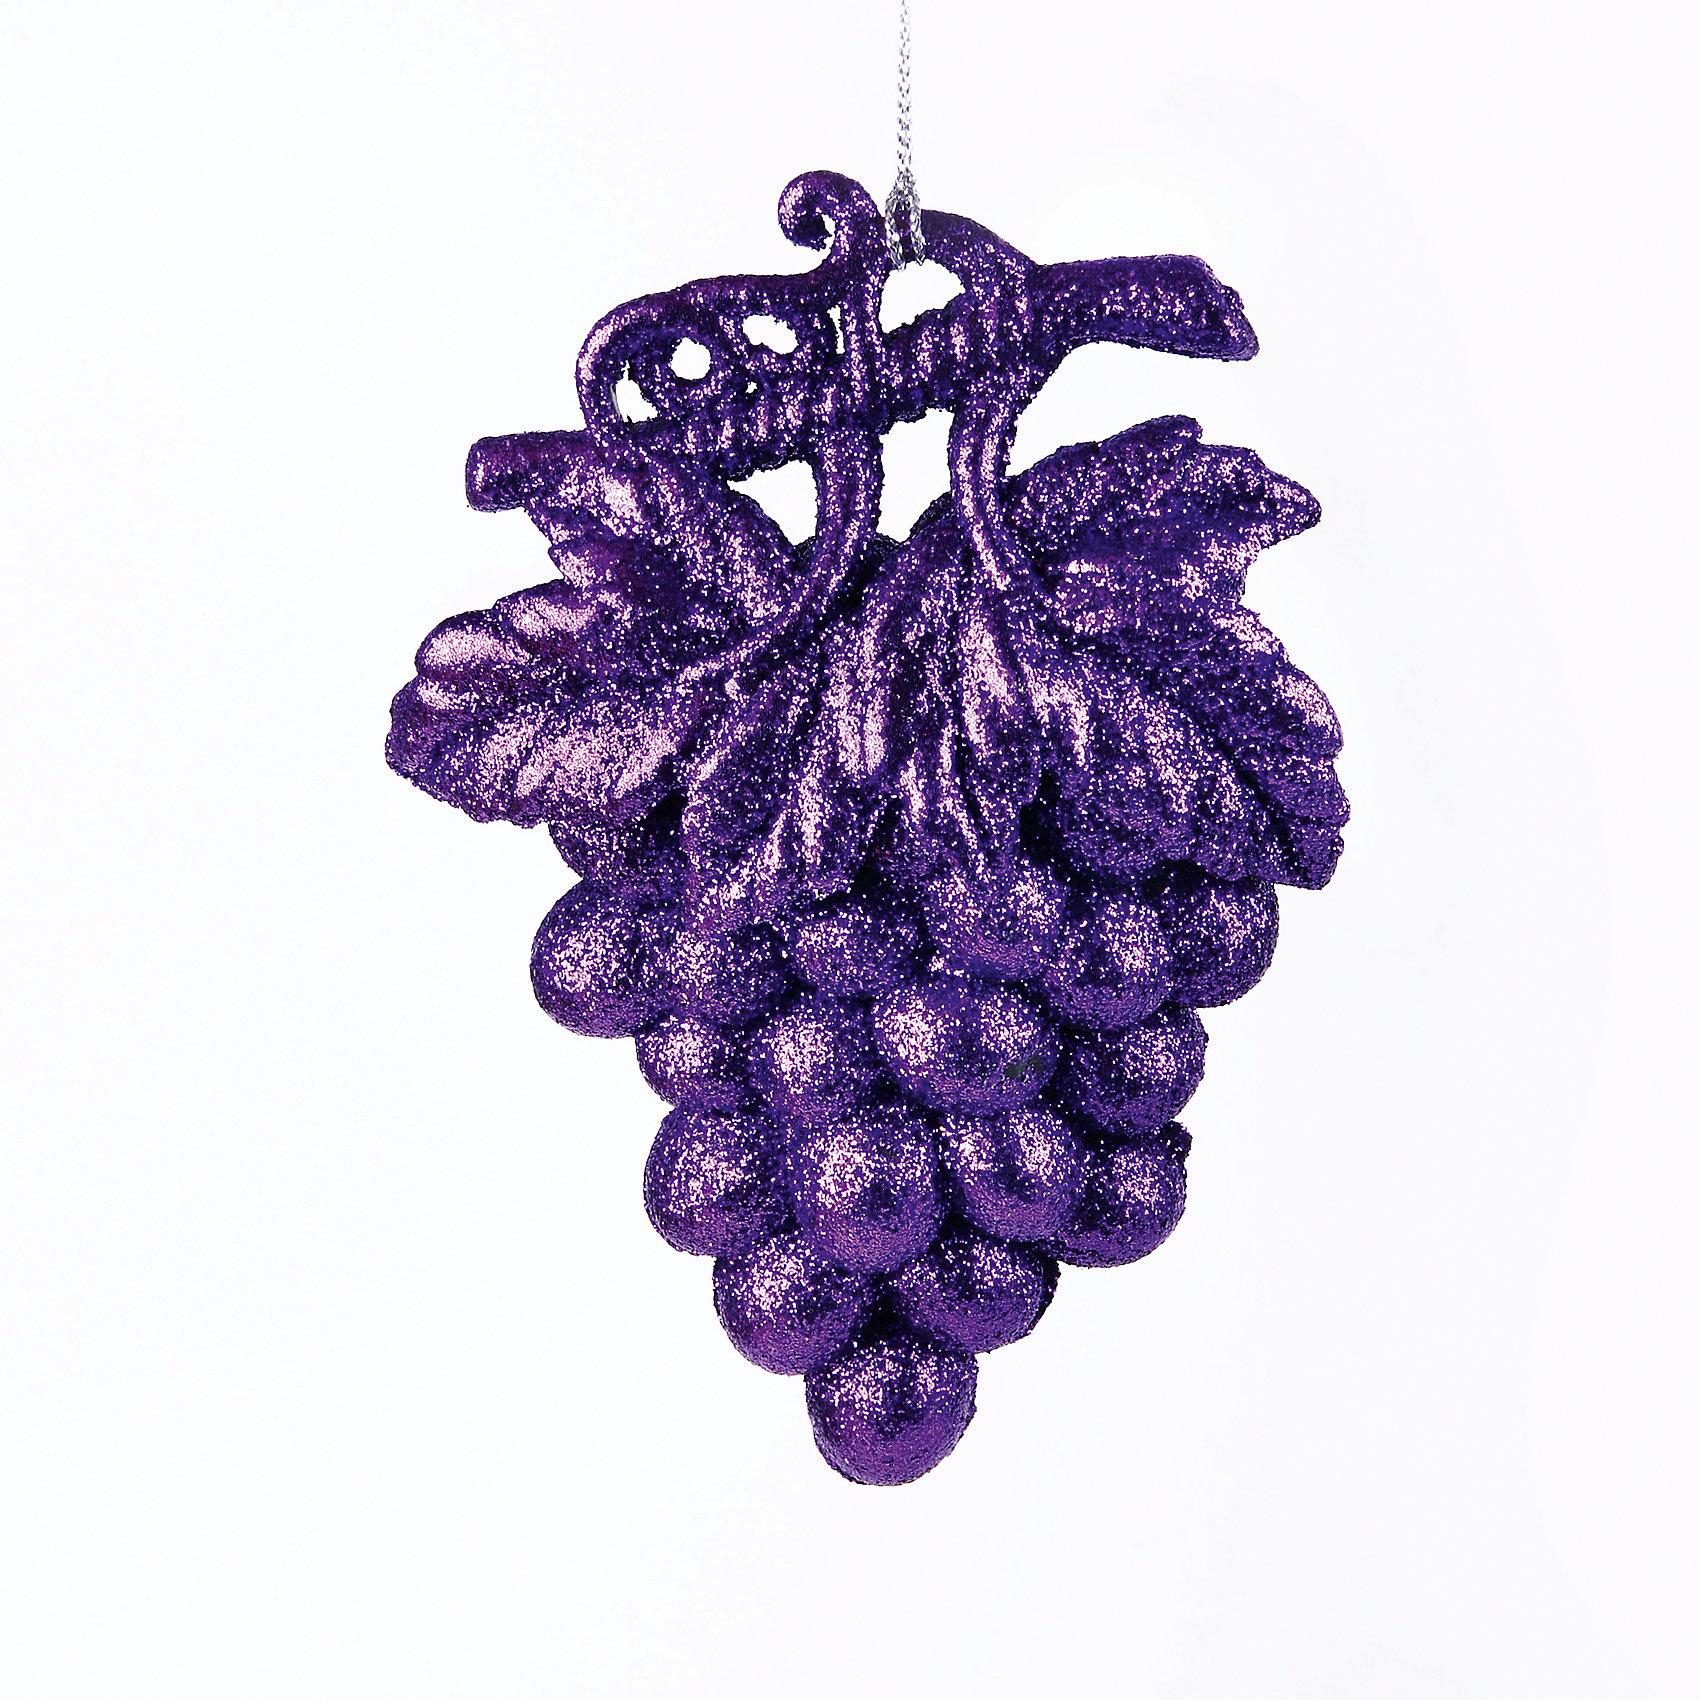 Новогоднее украшение Гроздь виноградаГроздь винограда – это декоративное новогоднее украшение замечательно украсит интерьер.<br>Оригинальное новогоднее украшение прекрасно подойдет для праздничного декора дома и новогодней ели. Украшение выполнено из пластика в виде грозди винограда фиолетового цвета. С помощью специальной петельки его можно повесить в любом понравившемся вам месте. Но, конечно, удачнее всего такая игрушка будет смотреться на праздничной елке. Новогодние украшения приносят в дом волшебство и ощущение праздника. Создайте в своем доме атмосферу веселья и радости, украшая новогоднюю елку нарядными игрушками, которые будут из года в год накапливать теплоту воспоминаний.<br><br>Дополнительная информация:<br><br>- Размер: 9,5 х 2,5 х 15 см.<br>- Цвет: фиолетовый<br>- Материал: пластик<br><br>Новогоднее украшение принесет в ваш дом ни с чем несравнимое ощущение волшебства!<br><br>Новогоднее украшение можно купить в нашем интернет-магазине.<br><br>Ширина мм: 21<br>Глубина мм: 170<br>Высота мм: 200<br>Вес г: 100<br>Возраст от месяцев: 36<br>Возраст до месяцев: 2147483647<br>Пол: Унисекс<br>Возраст: Детский<br>SKU: 4276450